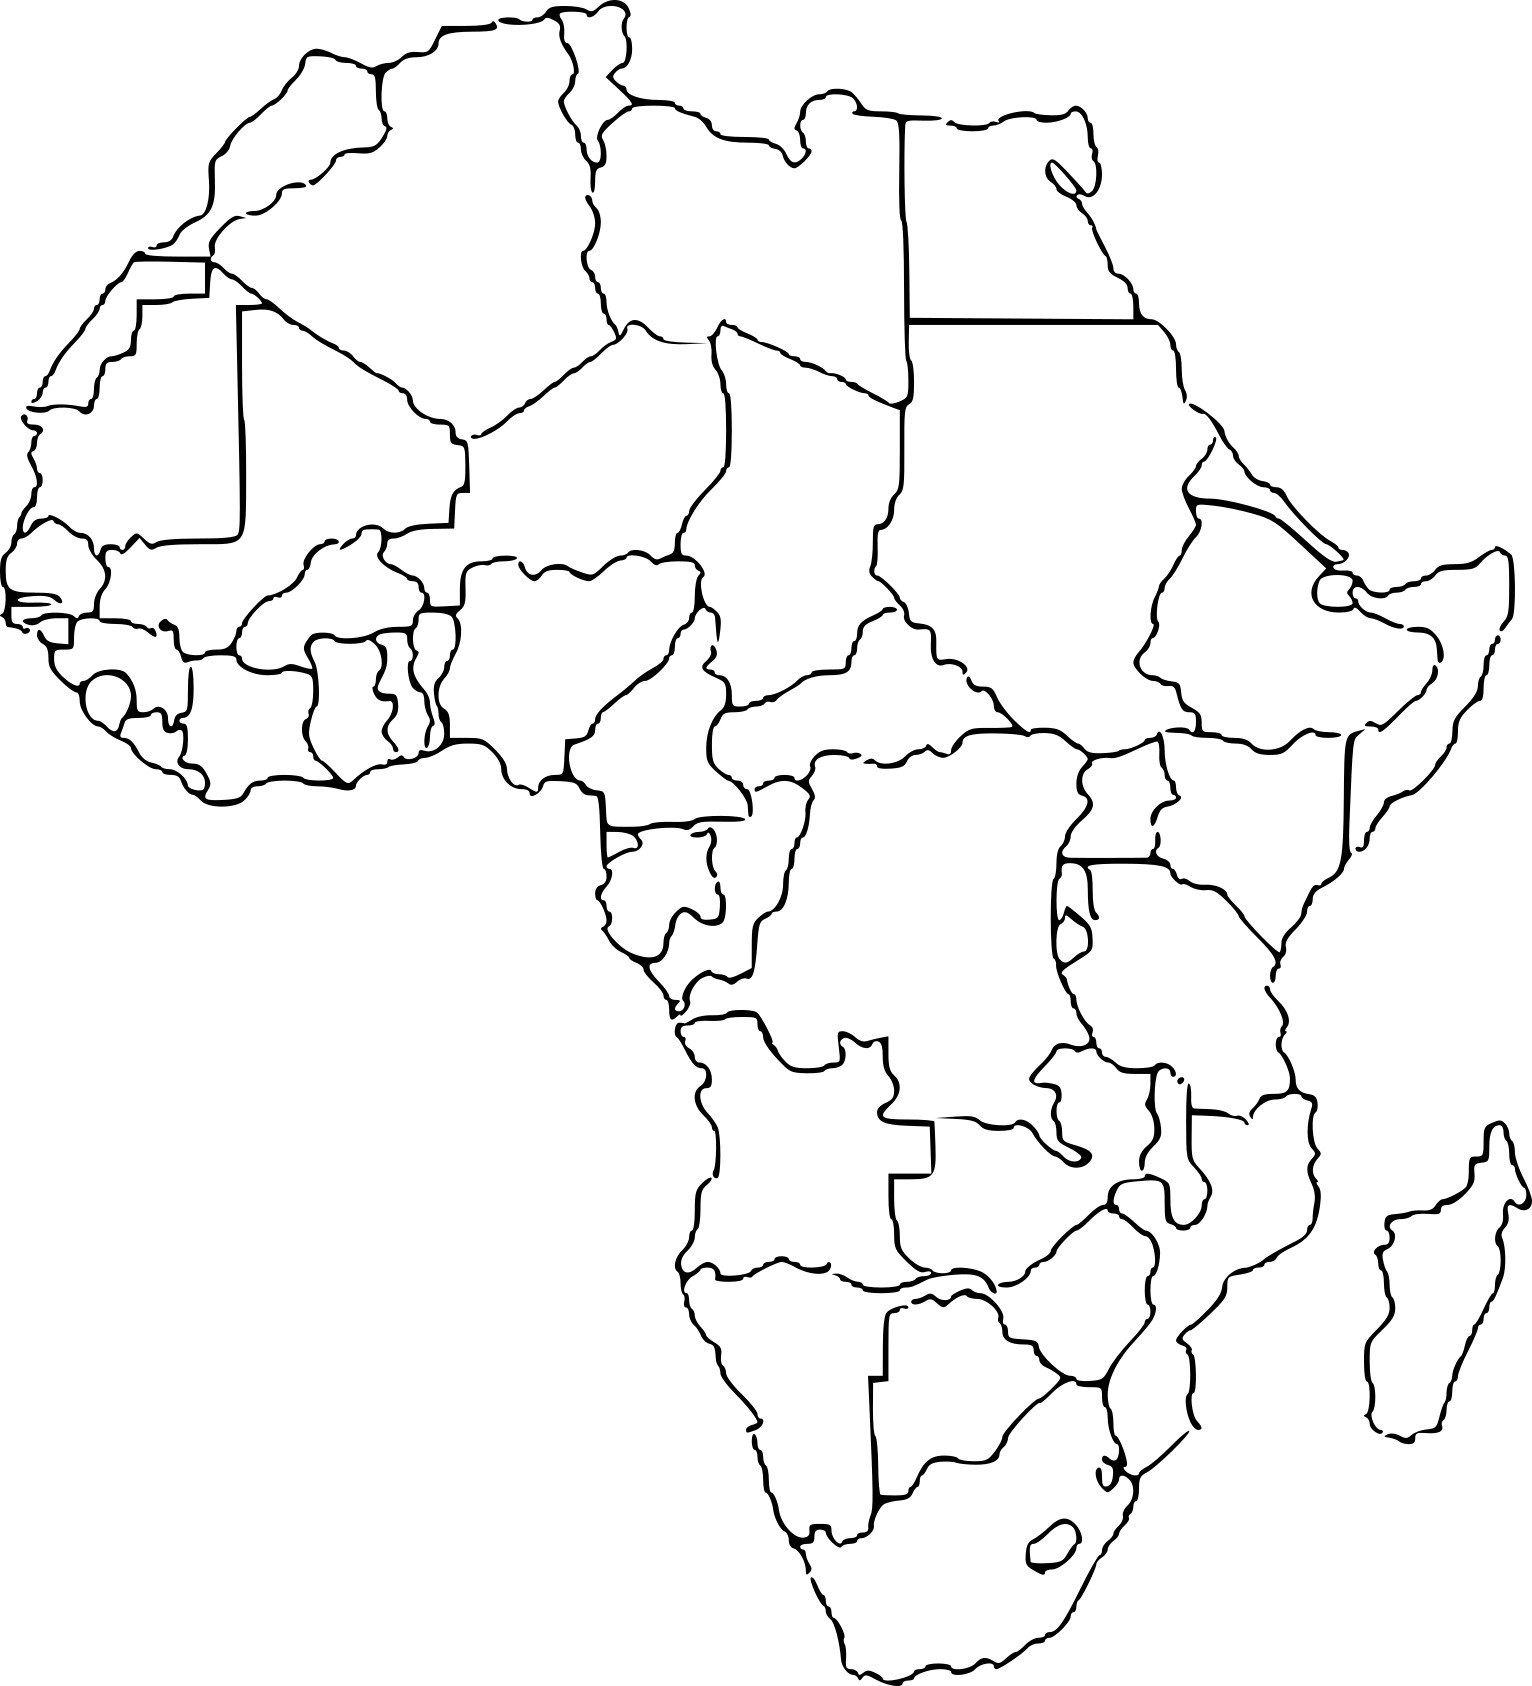 Coloriage Afrique À Imprimer Sur Coloriages dedans Coloriage Afrique À Imprimer